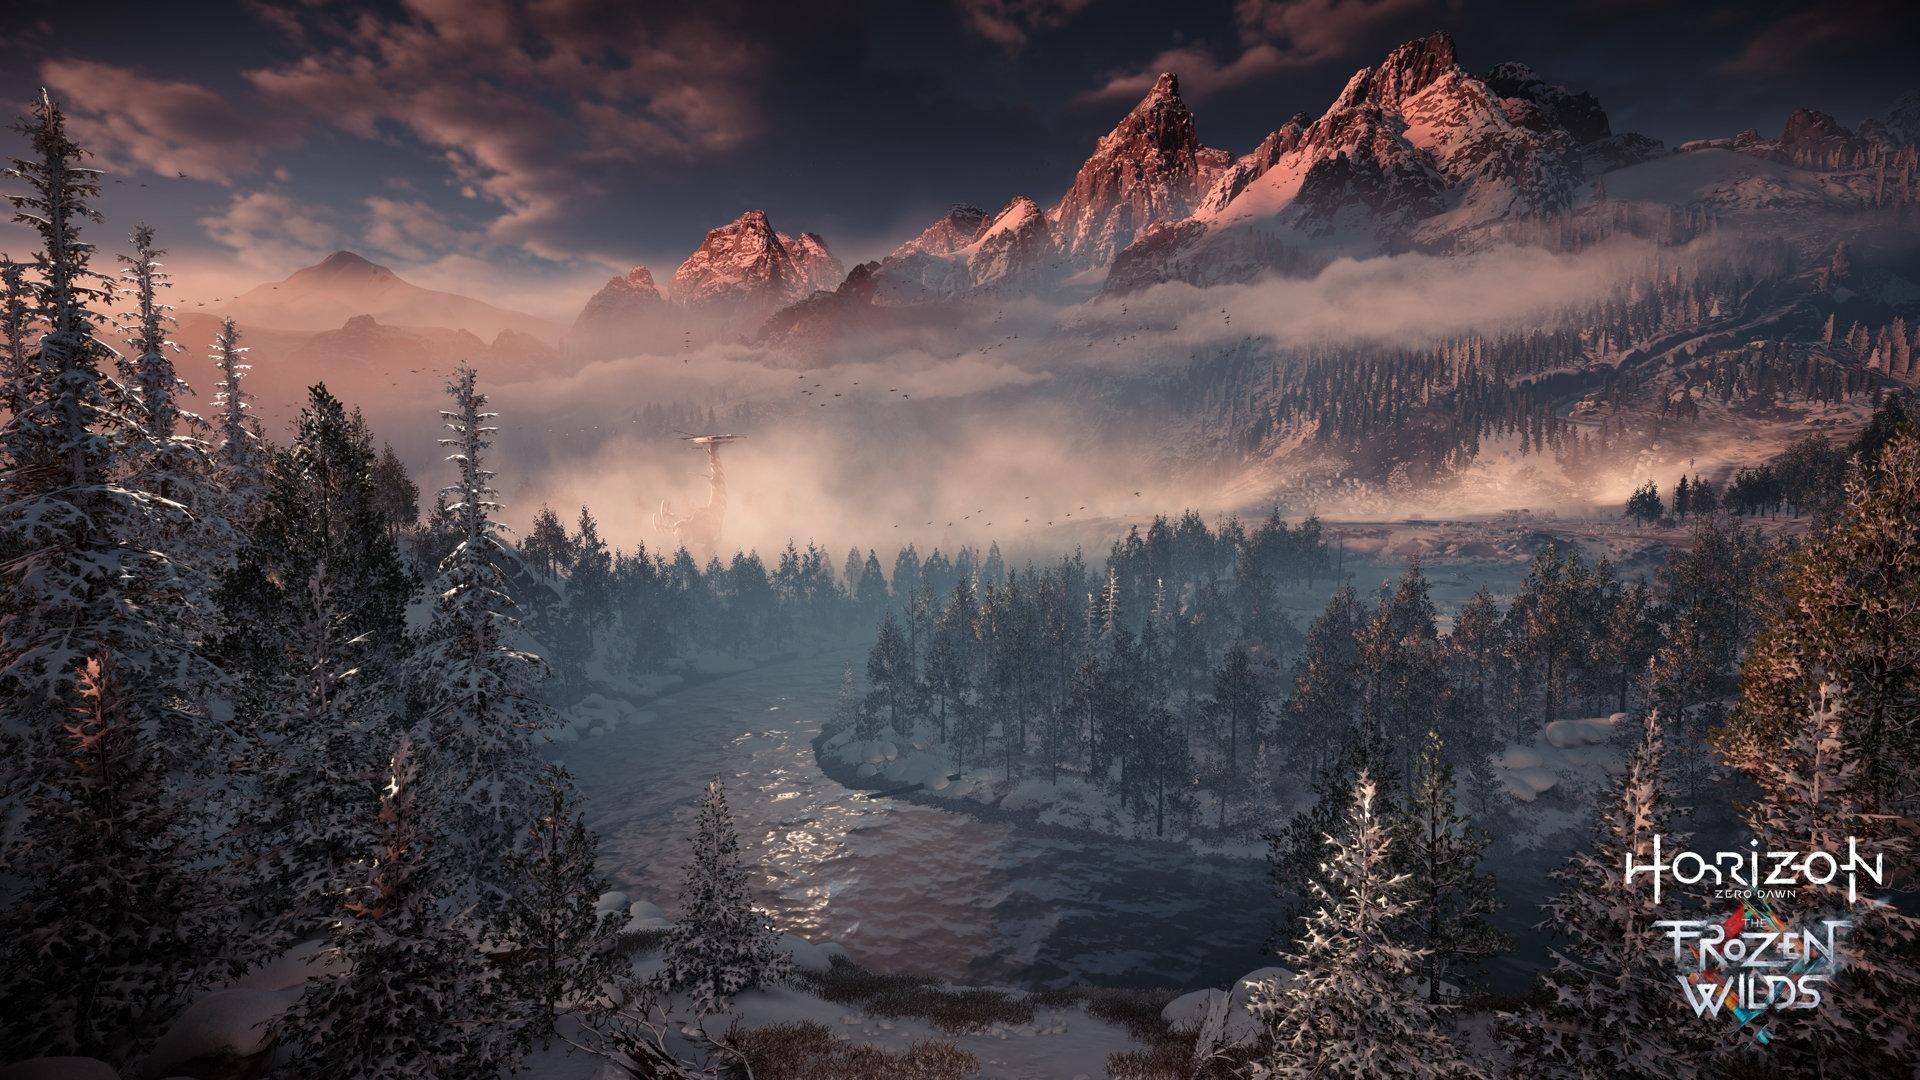 Прохождение Horizon Zero Dawn — The Frozen Wilds займёт как минимум 15 часов